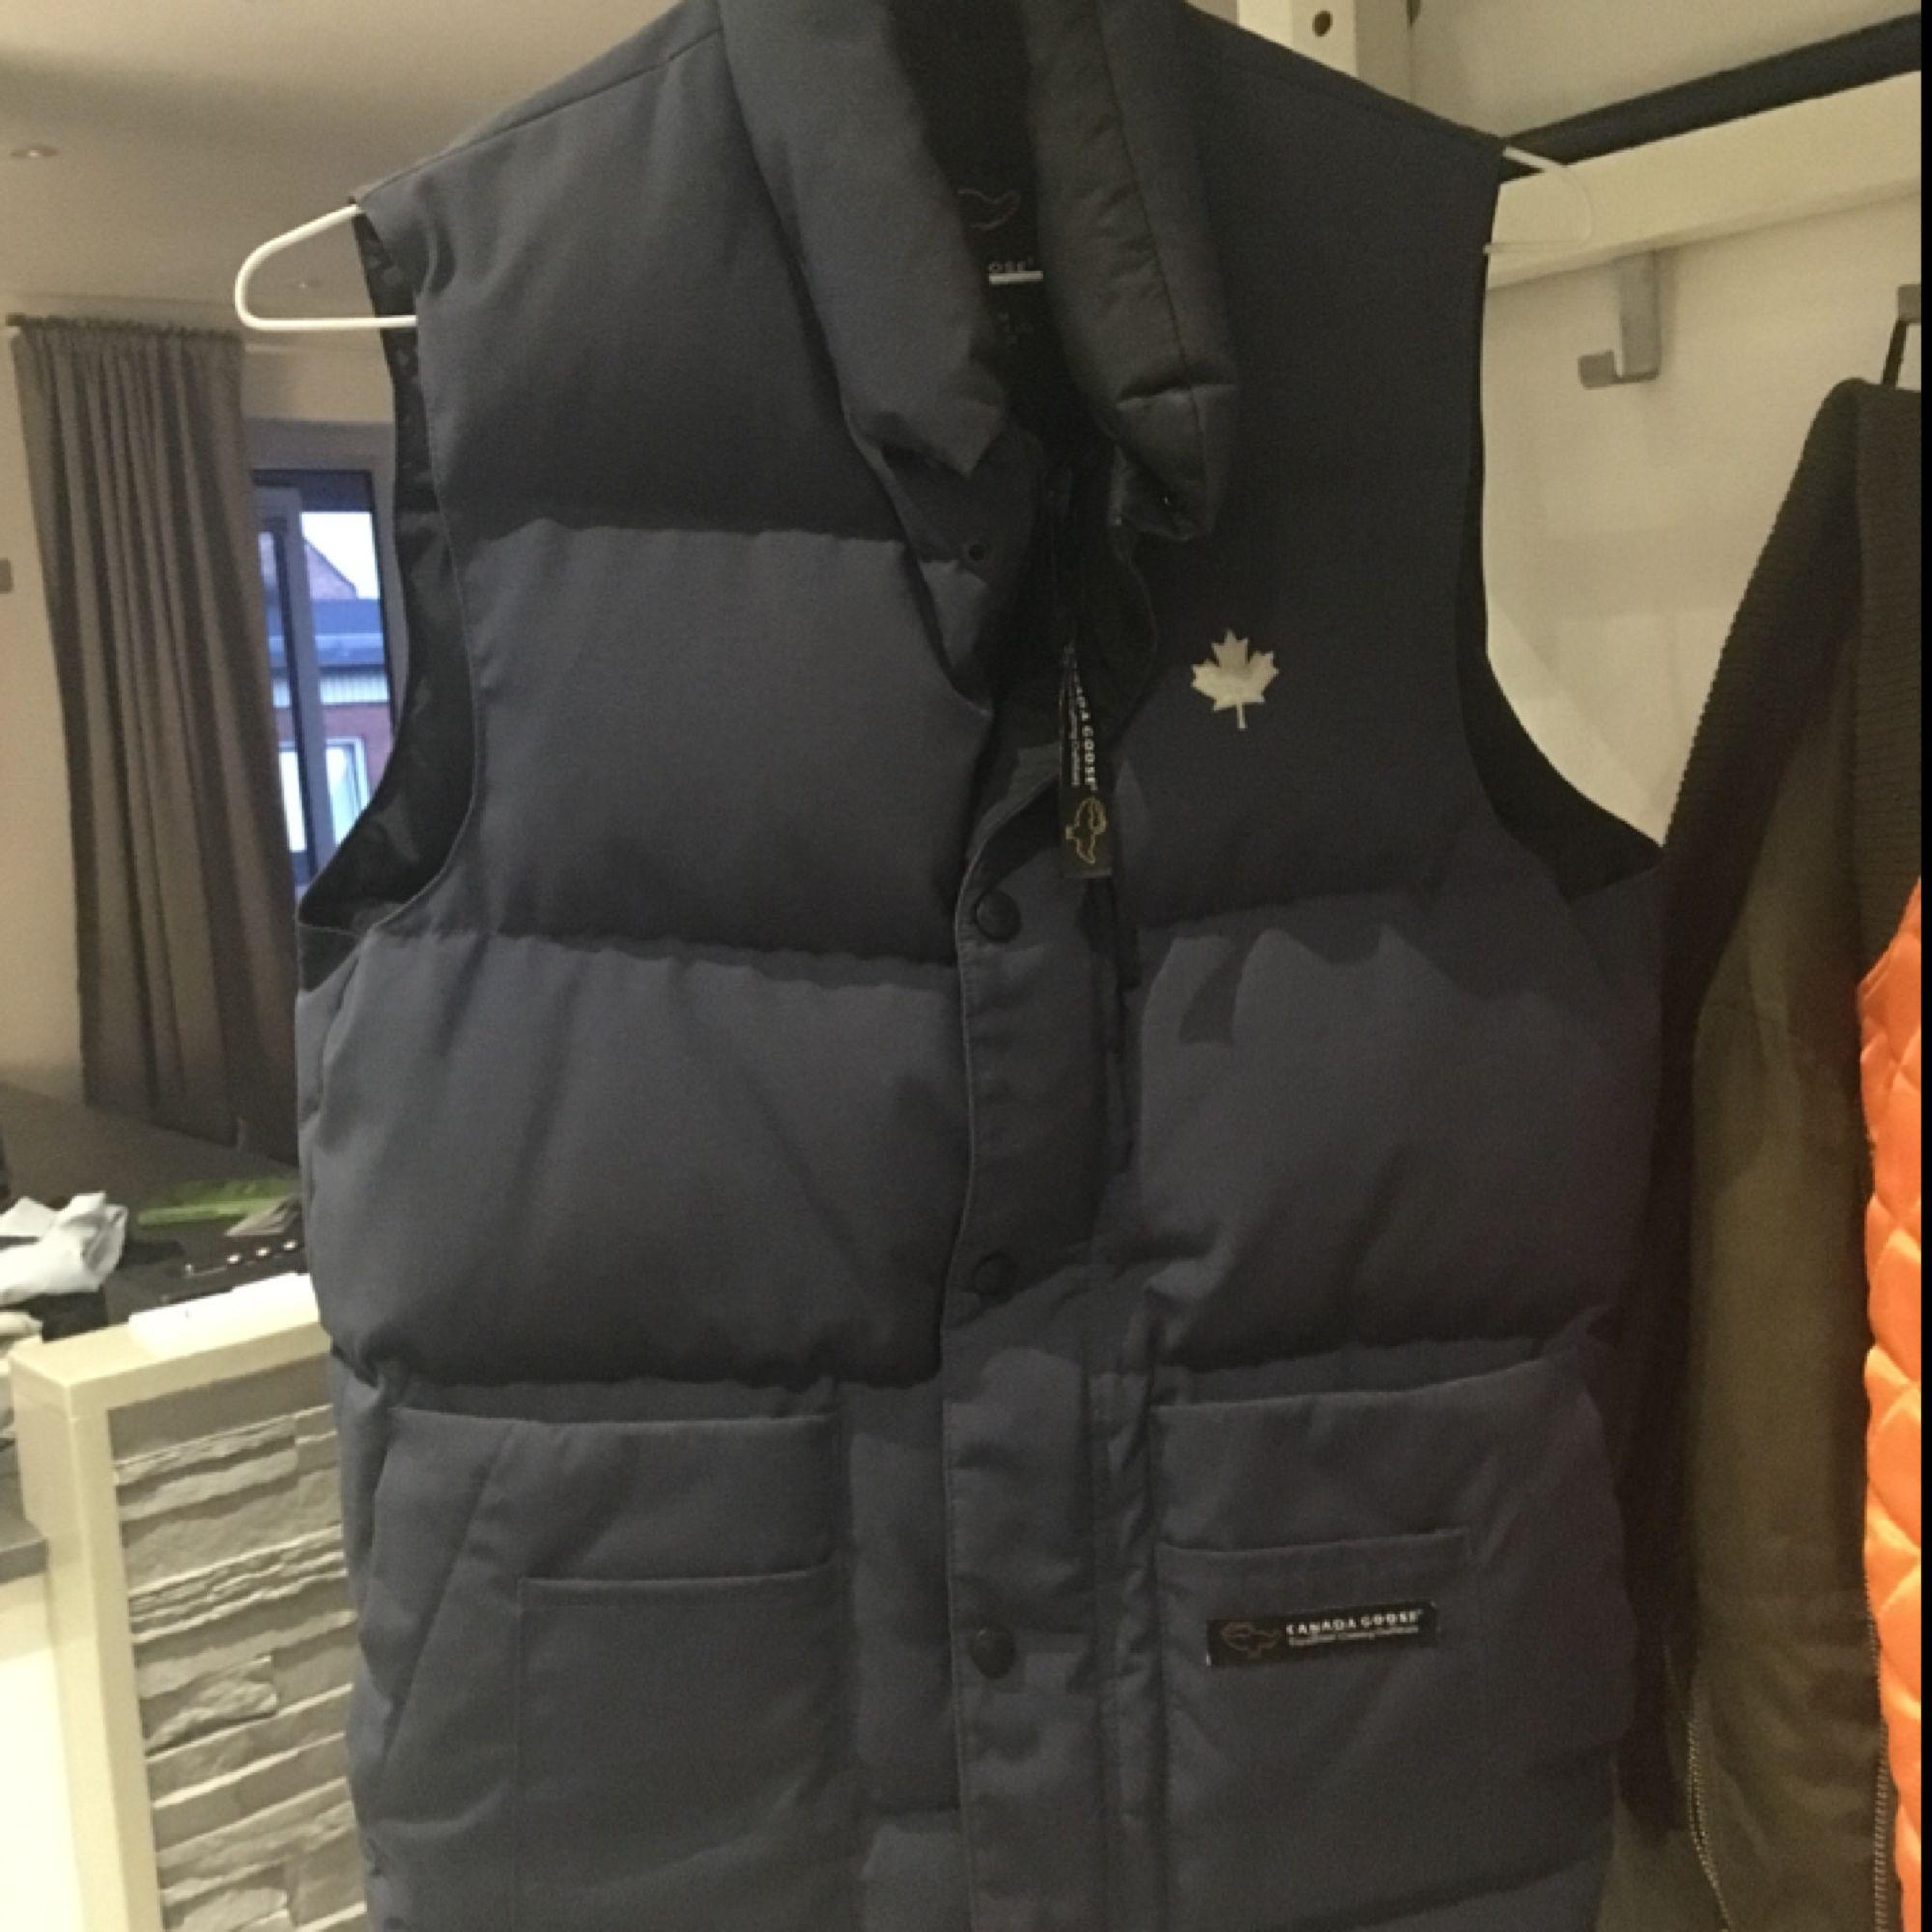 väst i dun från Canadagoose. Har mestadels av sin tid hängt i garderoben då jag användt en likadan fast i svart. Färgen är marinblå,hel och fin utan slitage! Storleken är en 2xs men då den är rymlig i storleken passar den alldeles utmärkt på en s. Jackor.